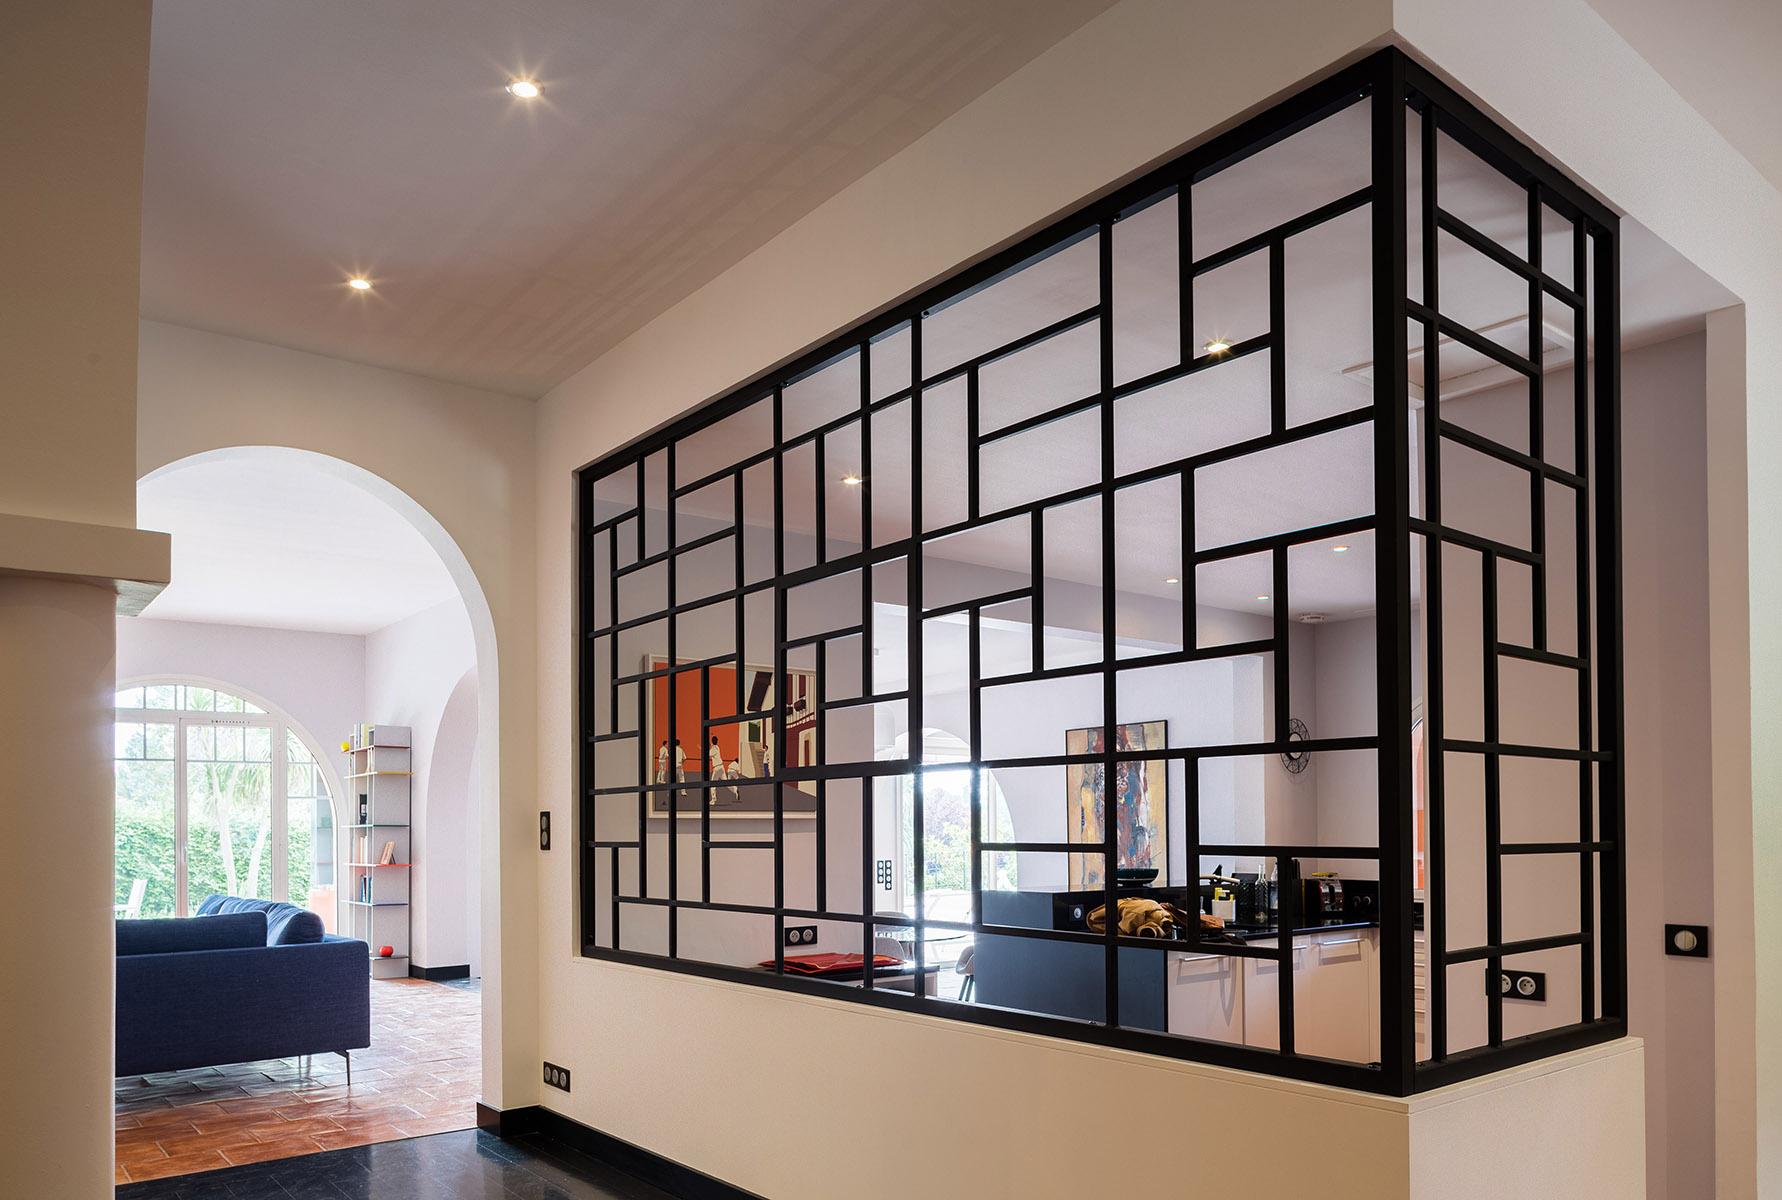 Architecte d\'intérieur Biarritz - DALGA DECOR - Décoration ...